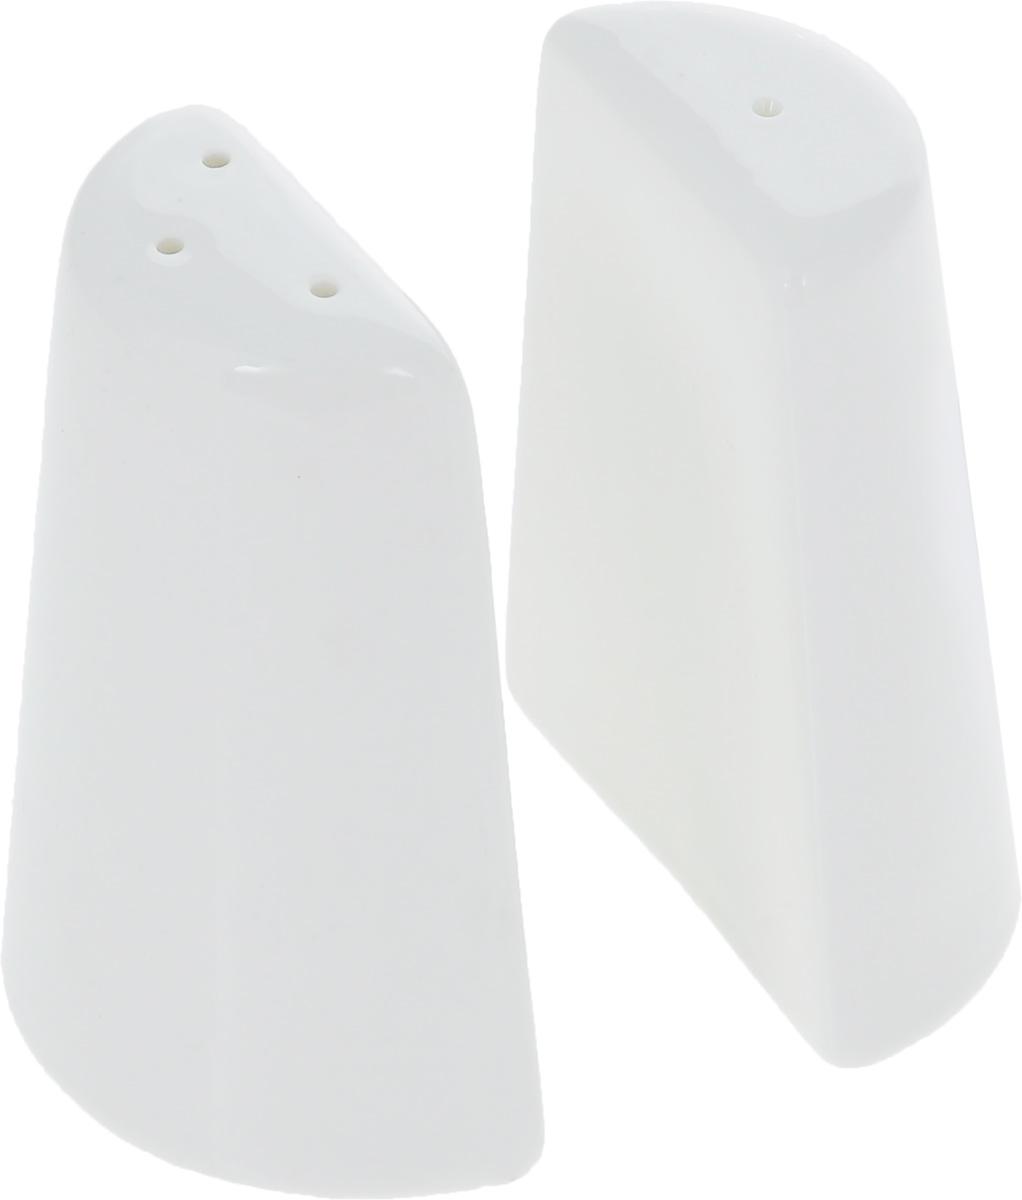 Набор для специй Wilmax, 2 предмета. WL-996068 / SPWL-996068 / SPНабор для специй Wilmax состоит из солонки и перечницы. Изделия выполнены из высококачественного фарфора, покрытого глазурью. Такой набор для специй пригодится в любом хозяйстве, он функционален, практичен и легок в уходе. Размер емкости: 7 х 3 х 8,5 см.